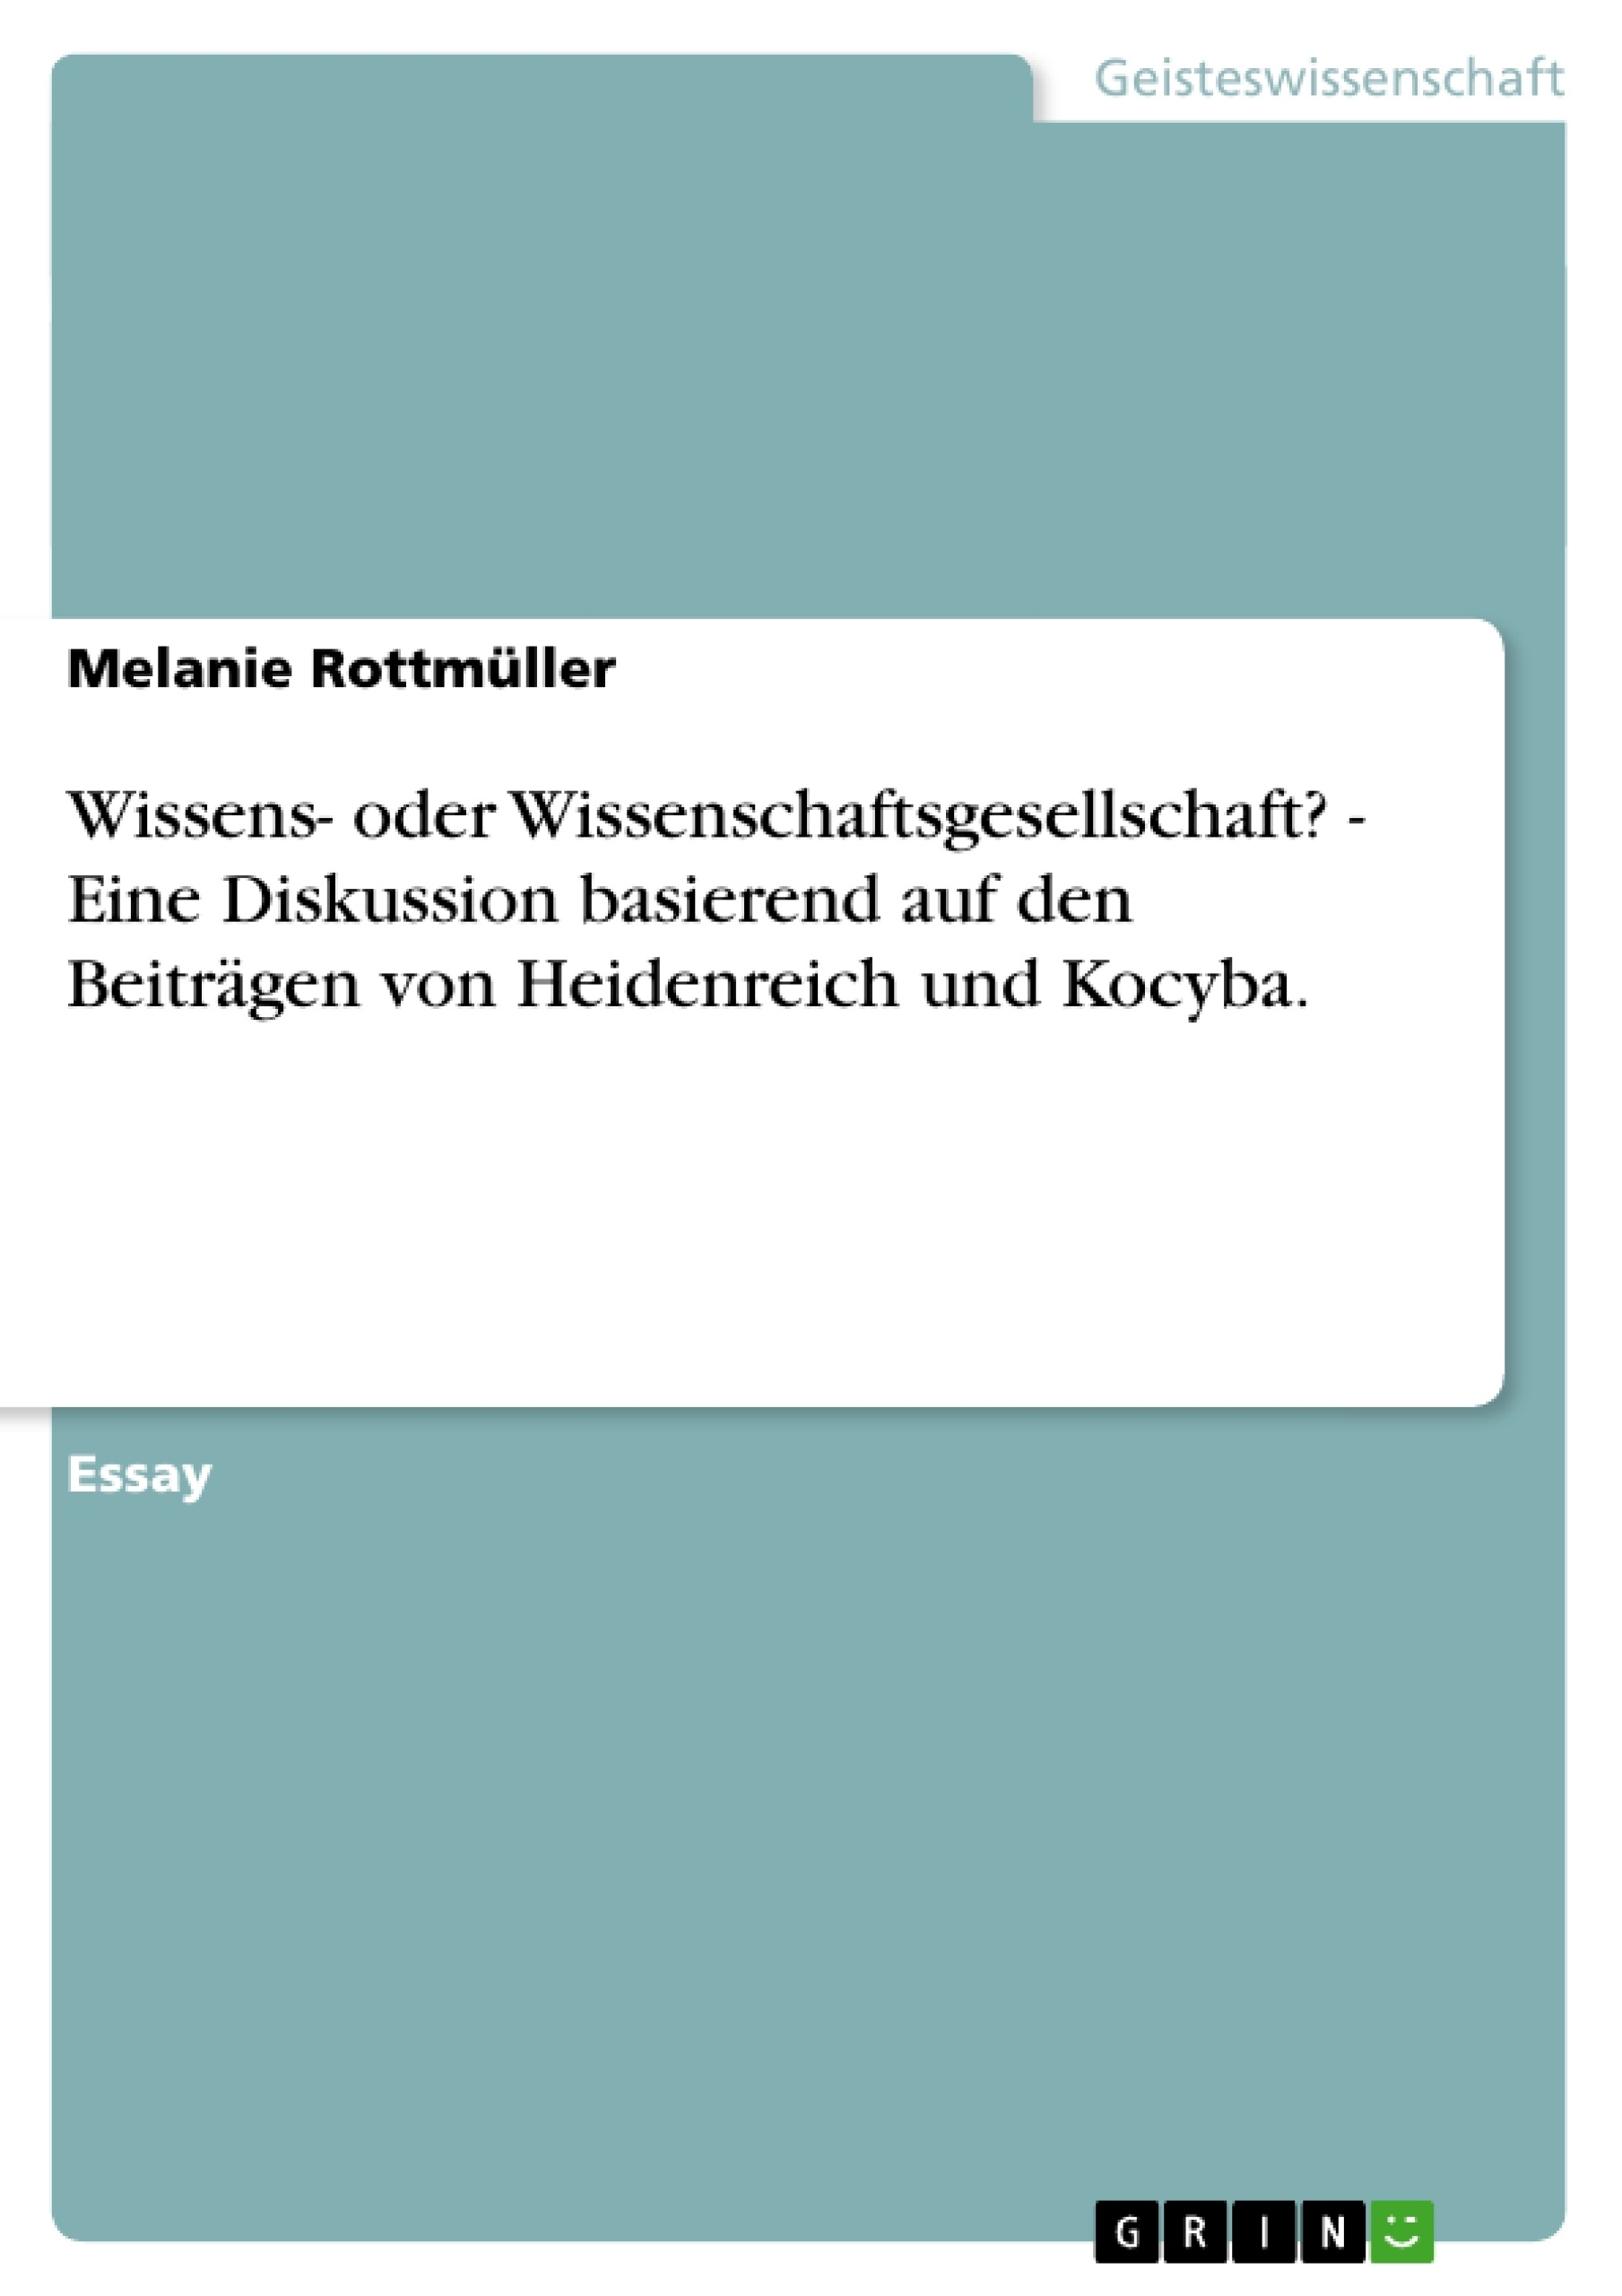 Titel: Wissens- oder Wissenschaftsgesellschaft?  - Eine Diskussion basierend auf den Beiträgen von Heidenreich und Kocyba.